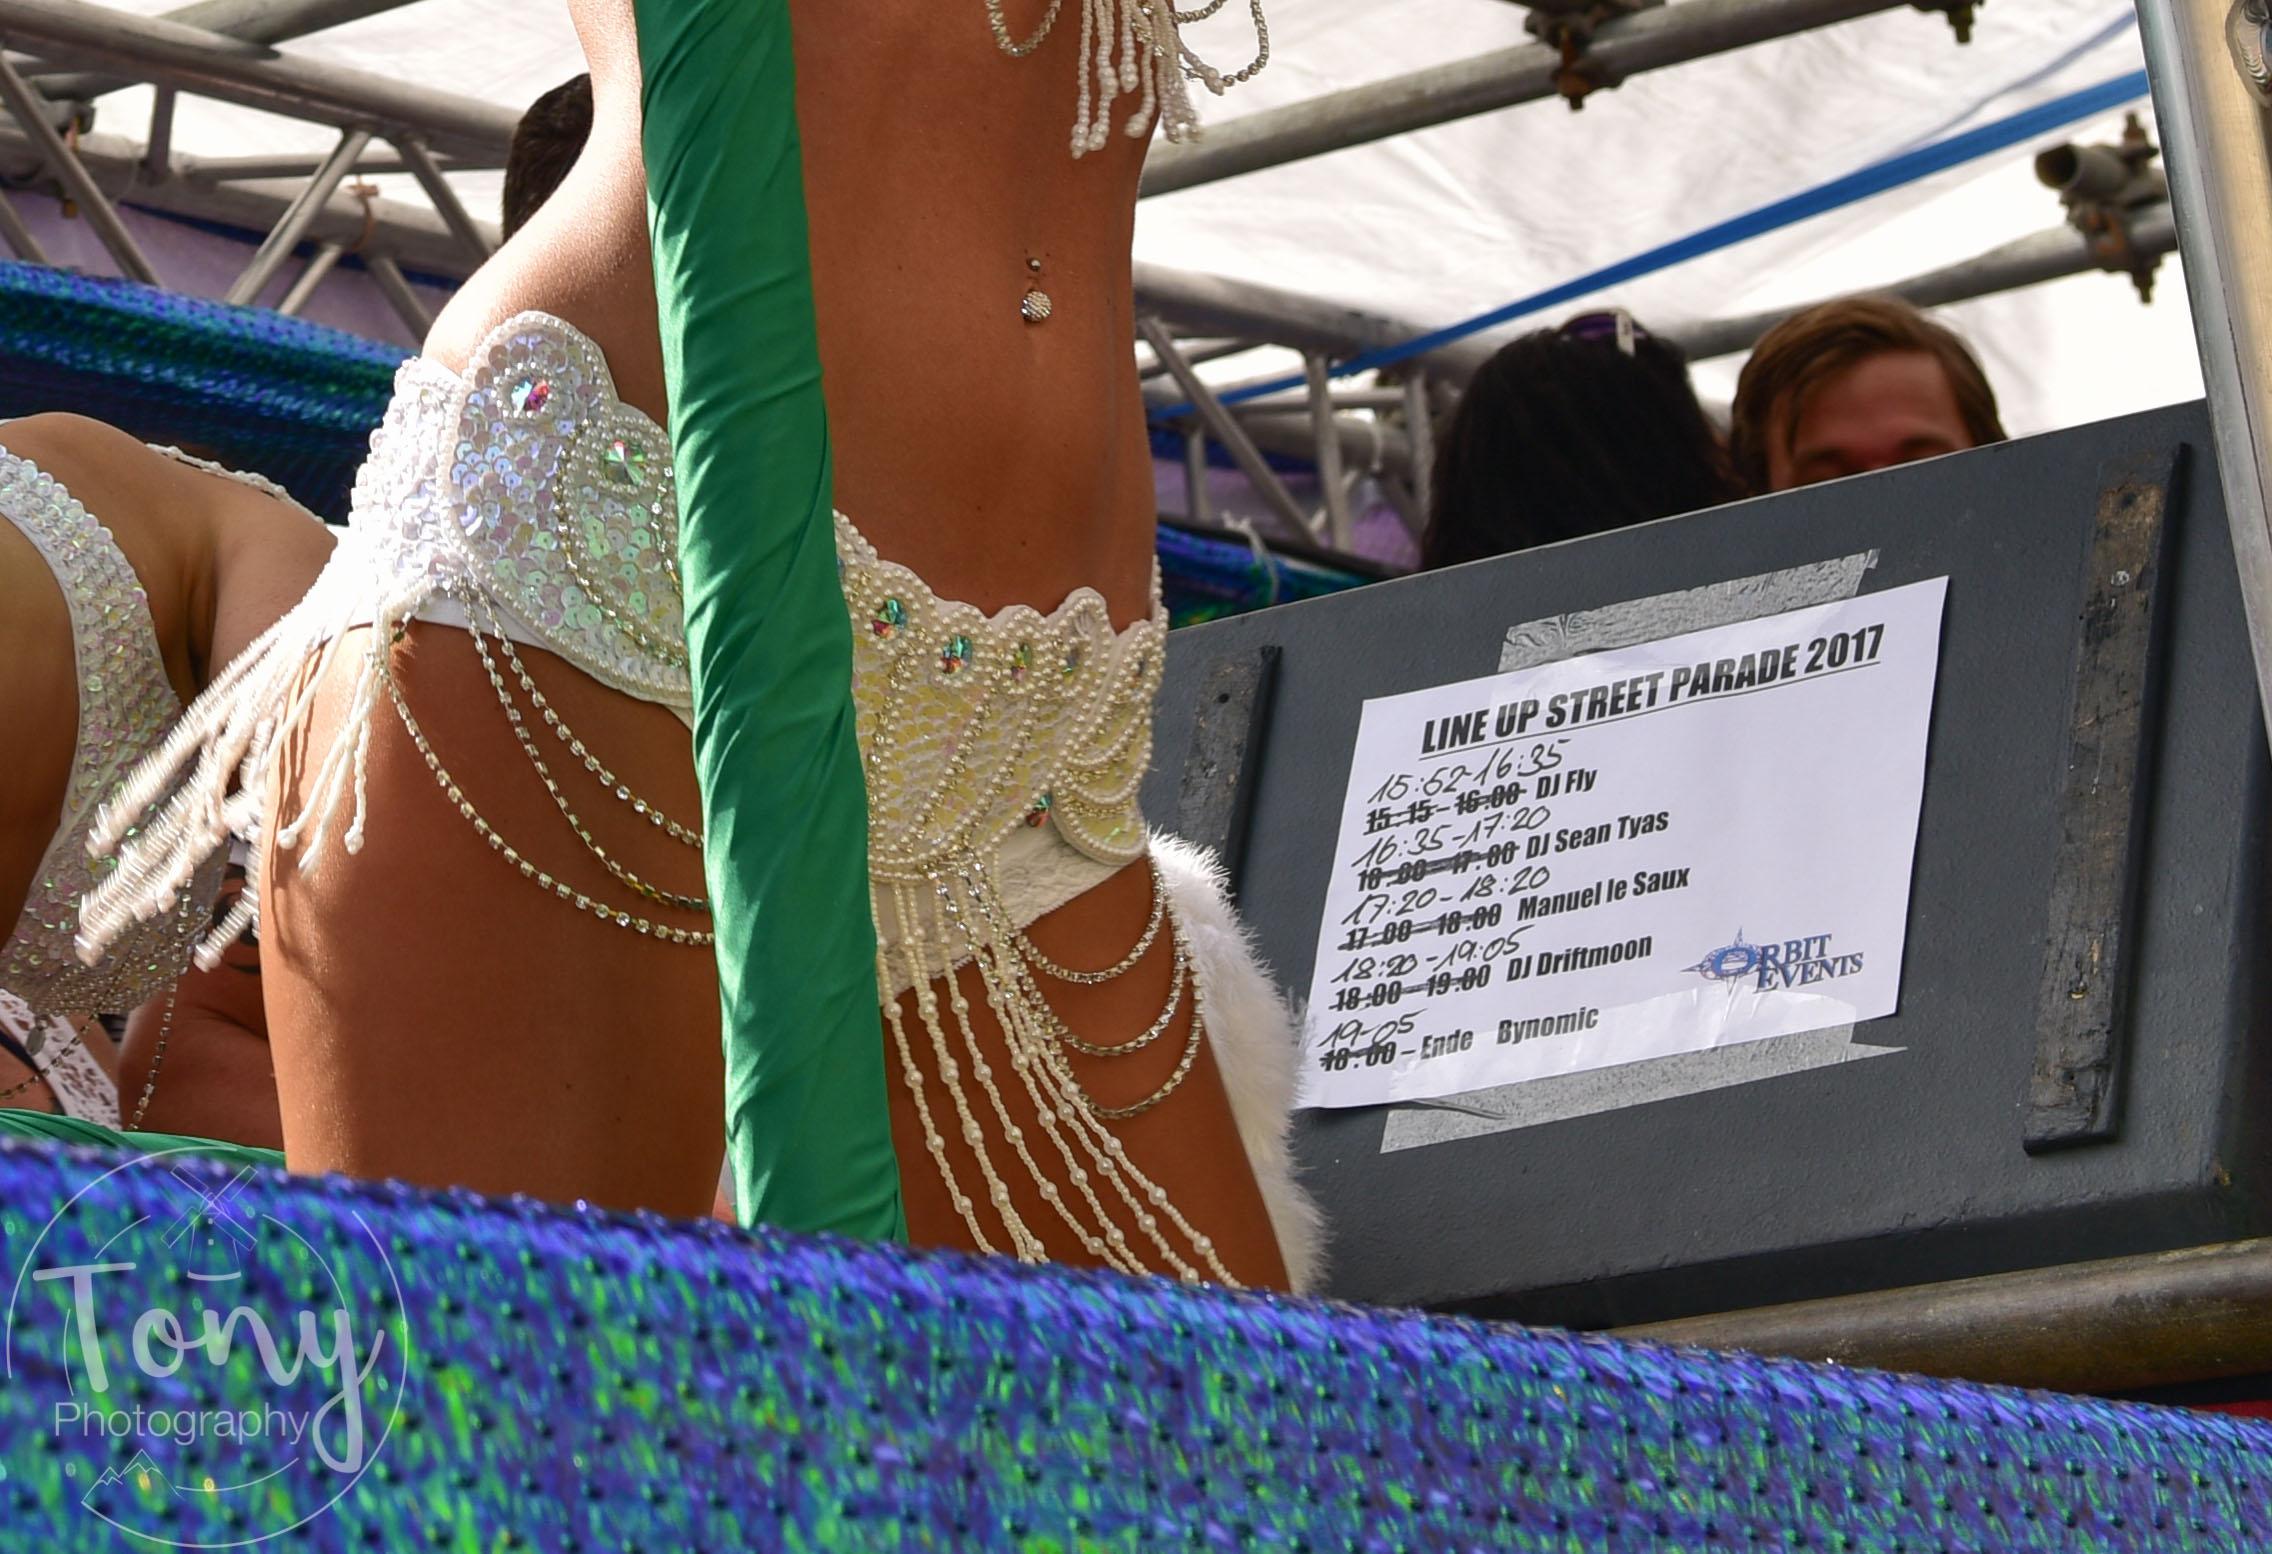 streetparade-182.jpg